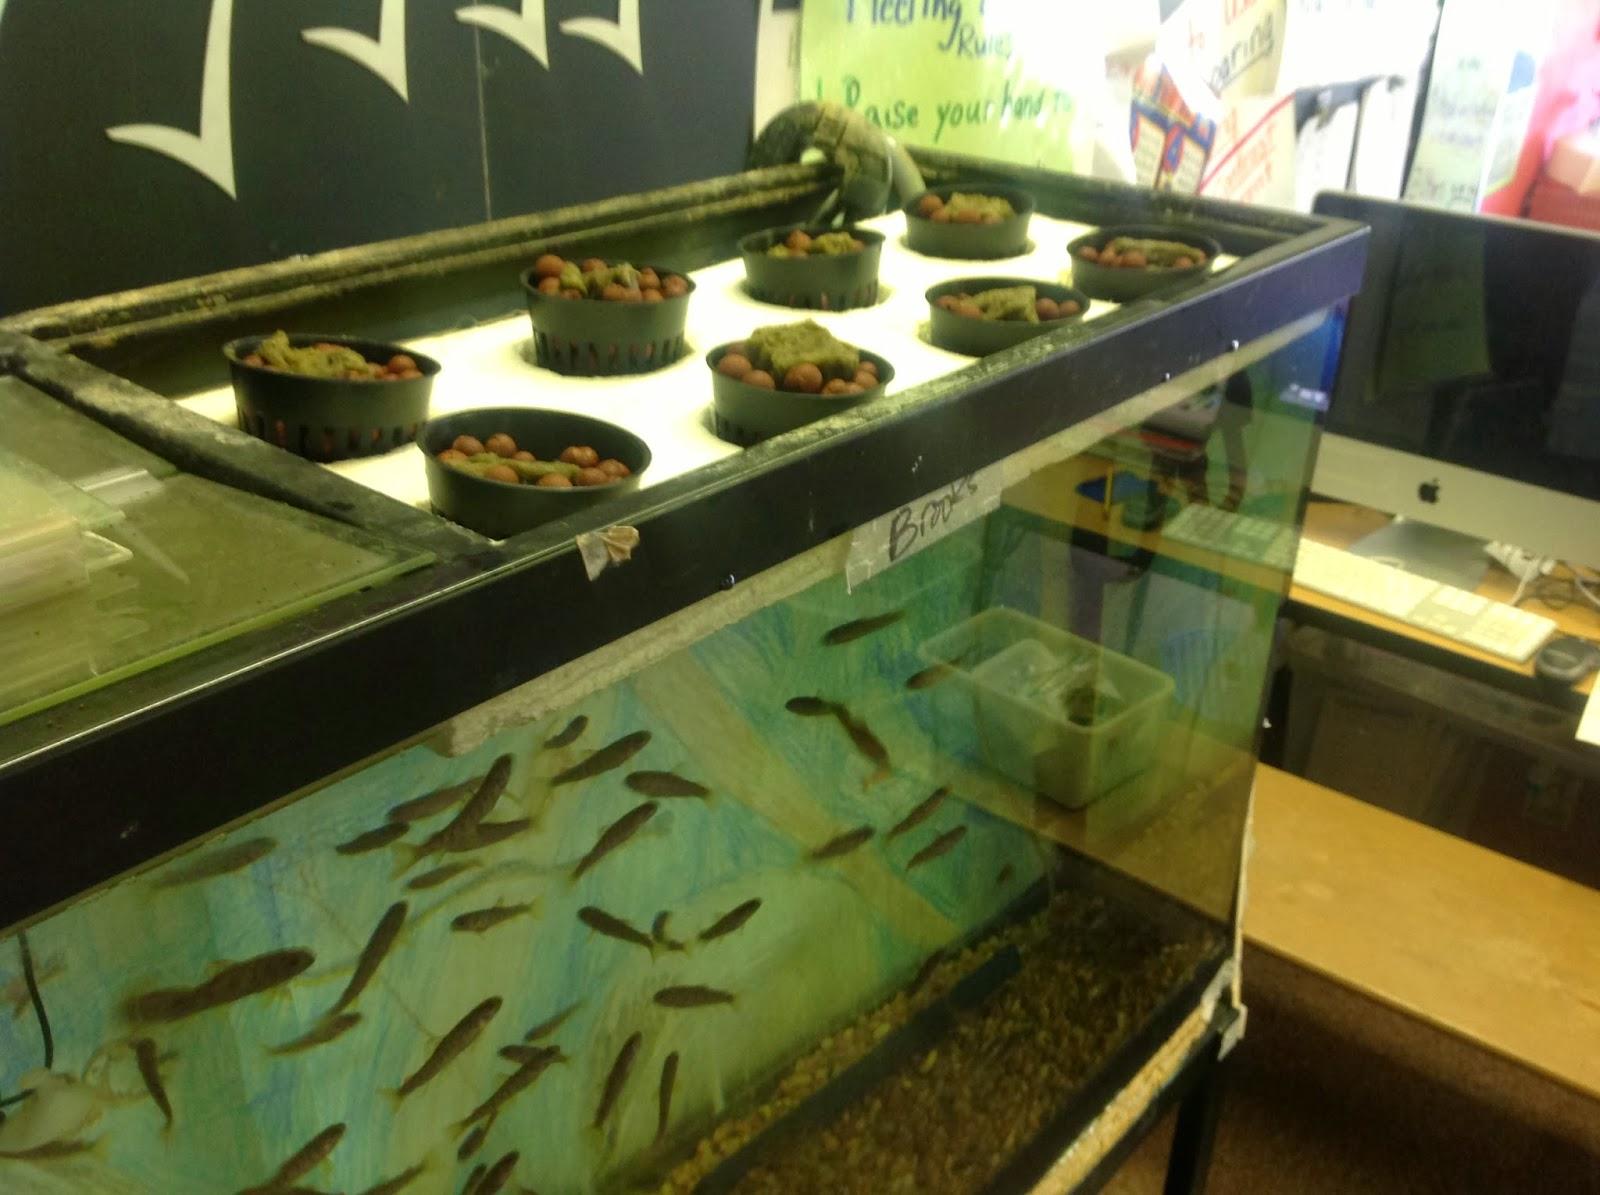 aquaponics setup.JPG